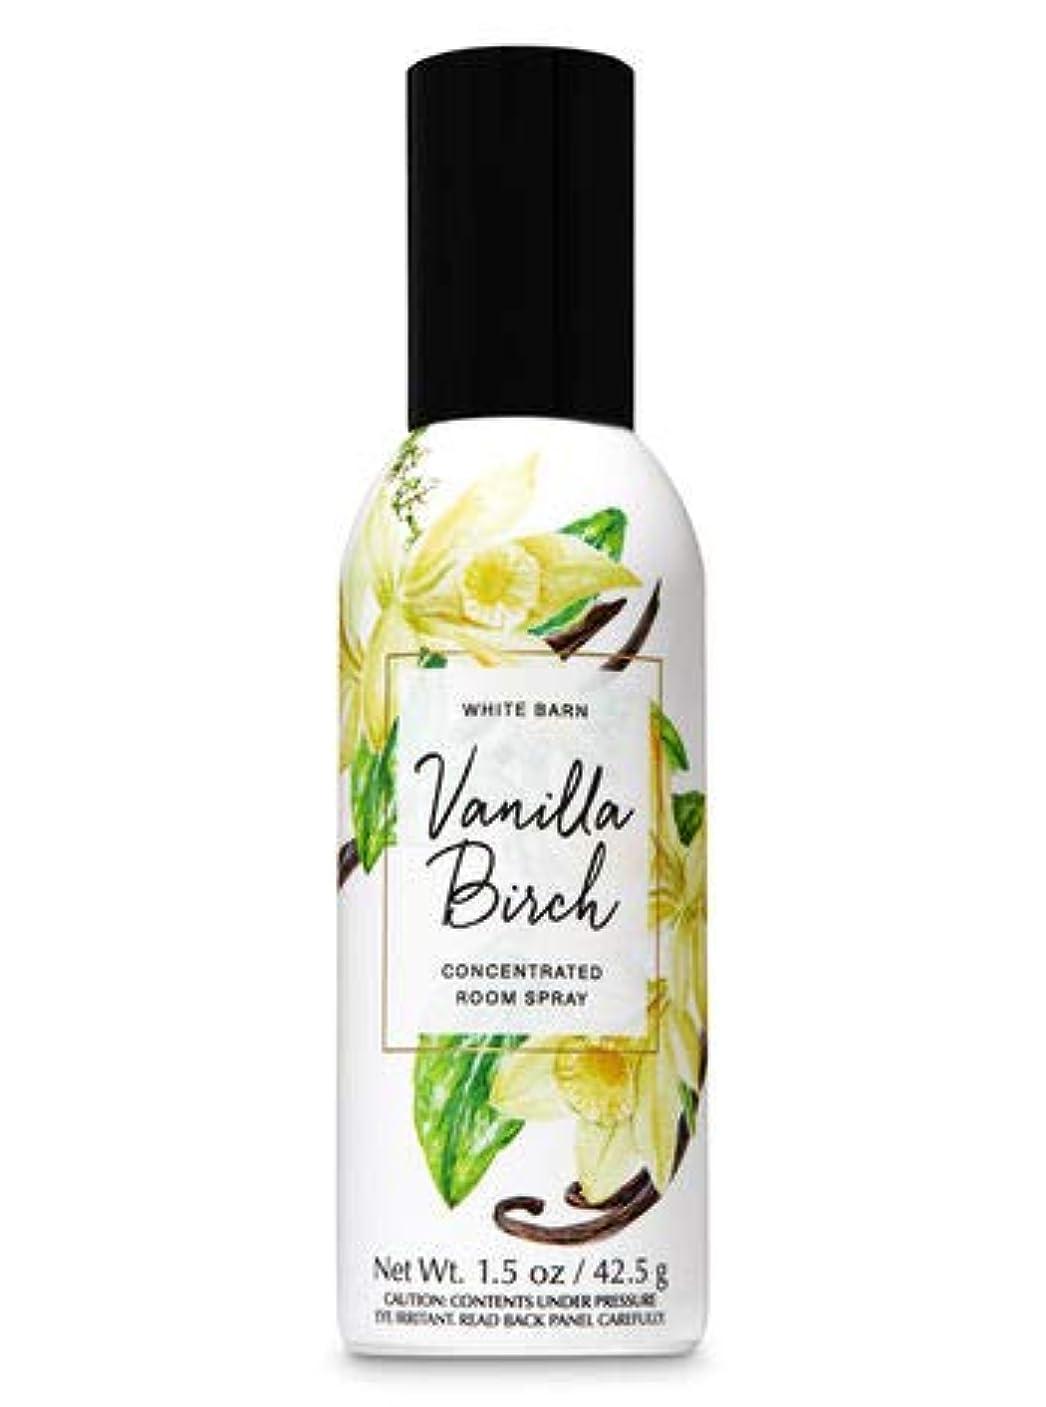 除去ショルダーのり【Bath&Body Works/バス&ボディワークス】 ルームスプレー バニラバーチ 1.5 oz. Concentrated Room Spray/Room Perfume Vanilla Birch [並行輸入品]